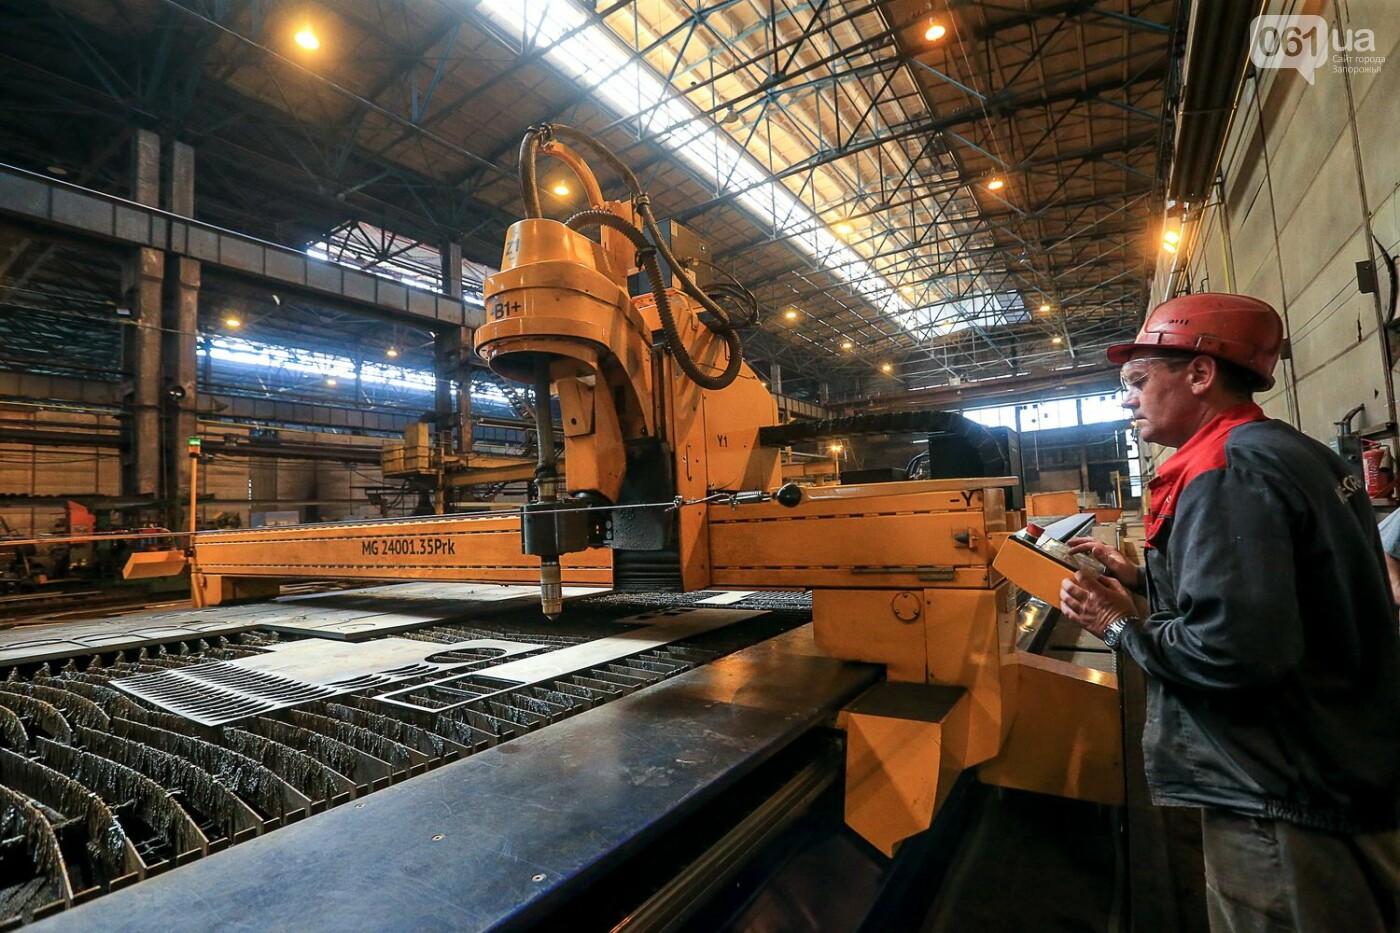 Как в Запорожье работает крупнейший в Европе завод по производству кранов: экскурсия на производство, — ФОТОРЕПОРТАЖ, фото-15